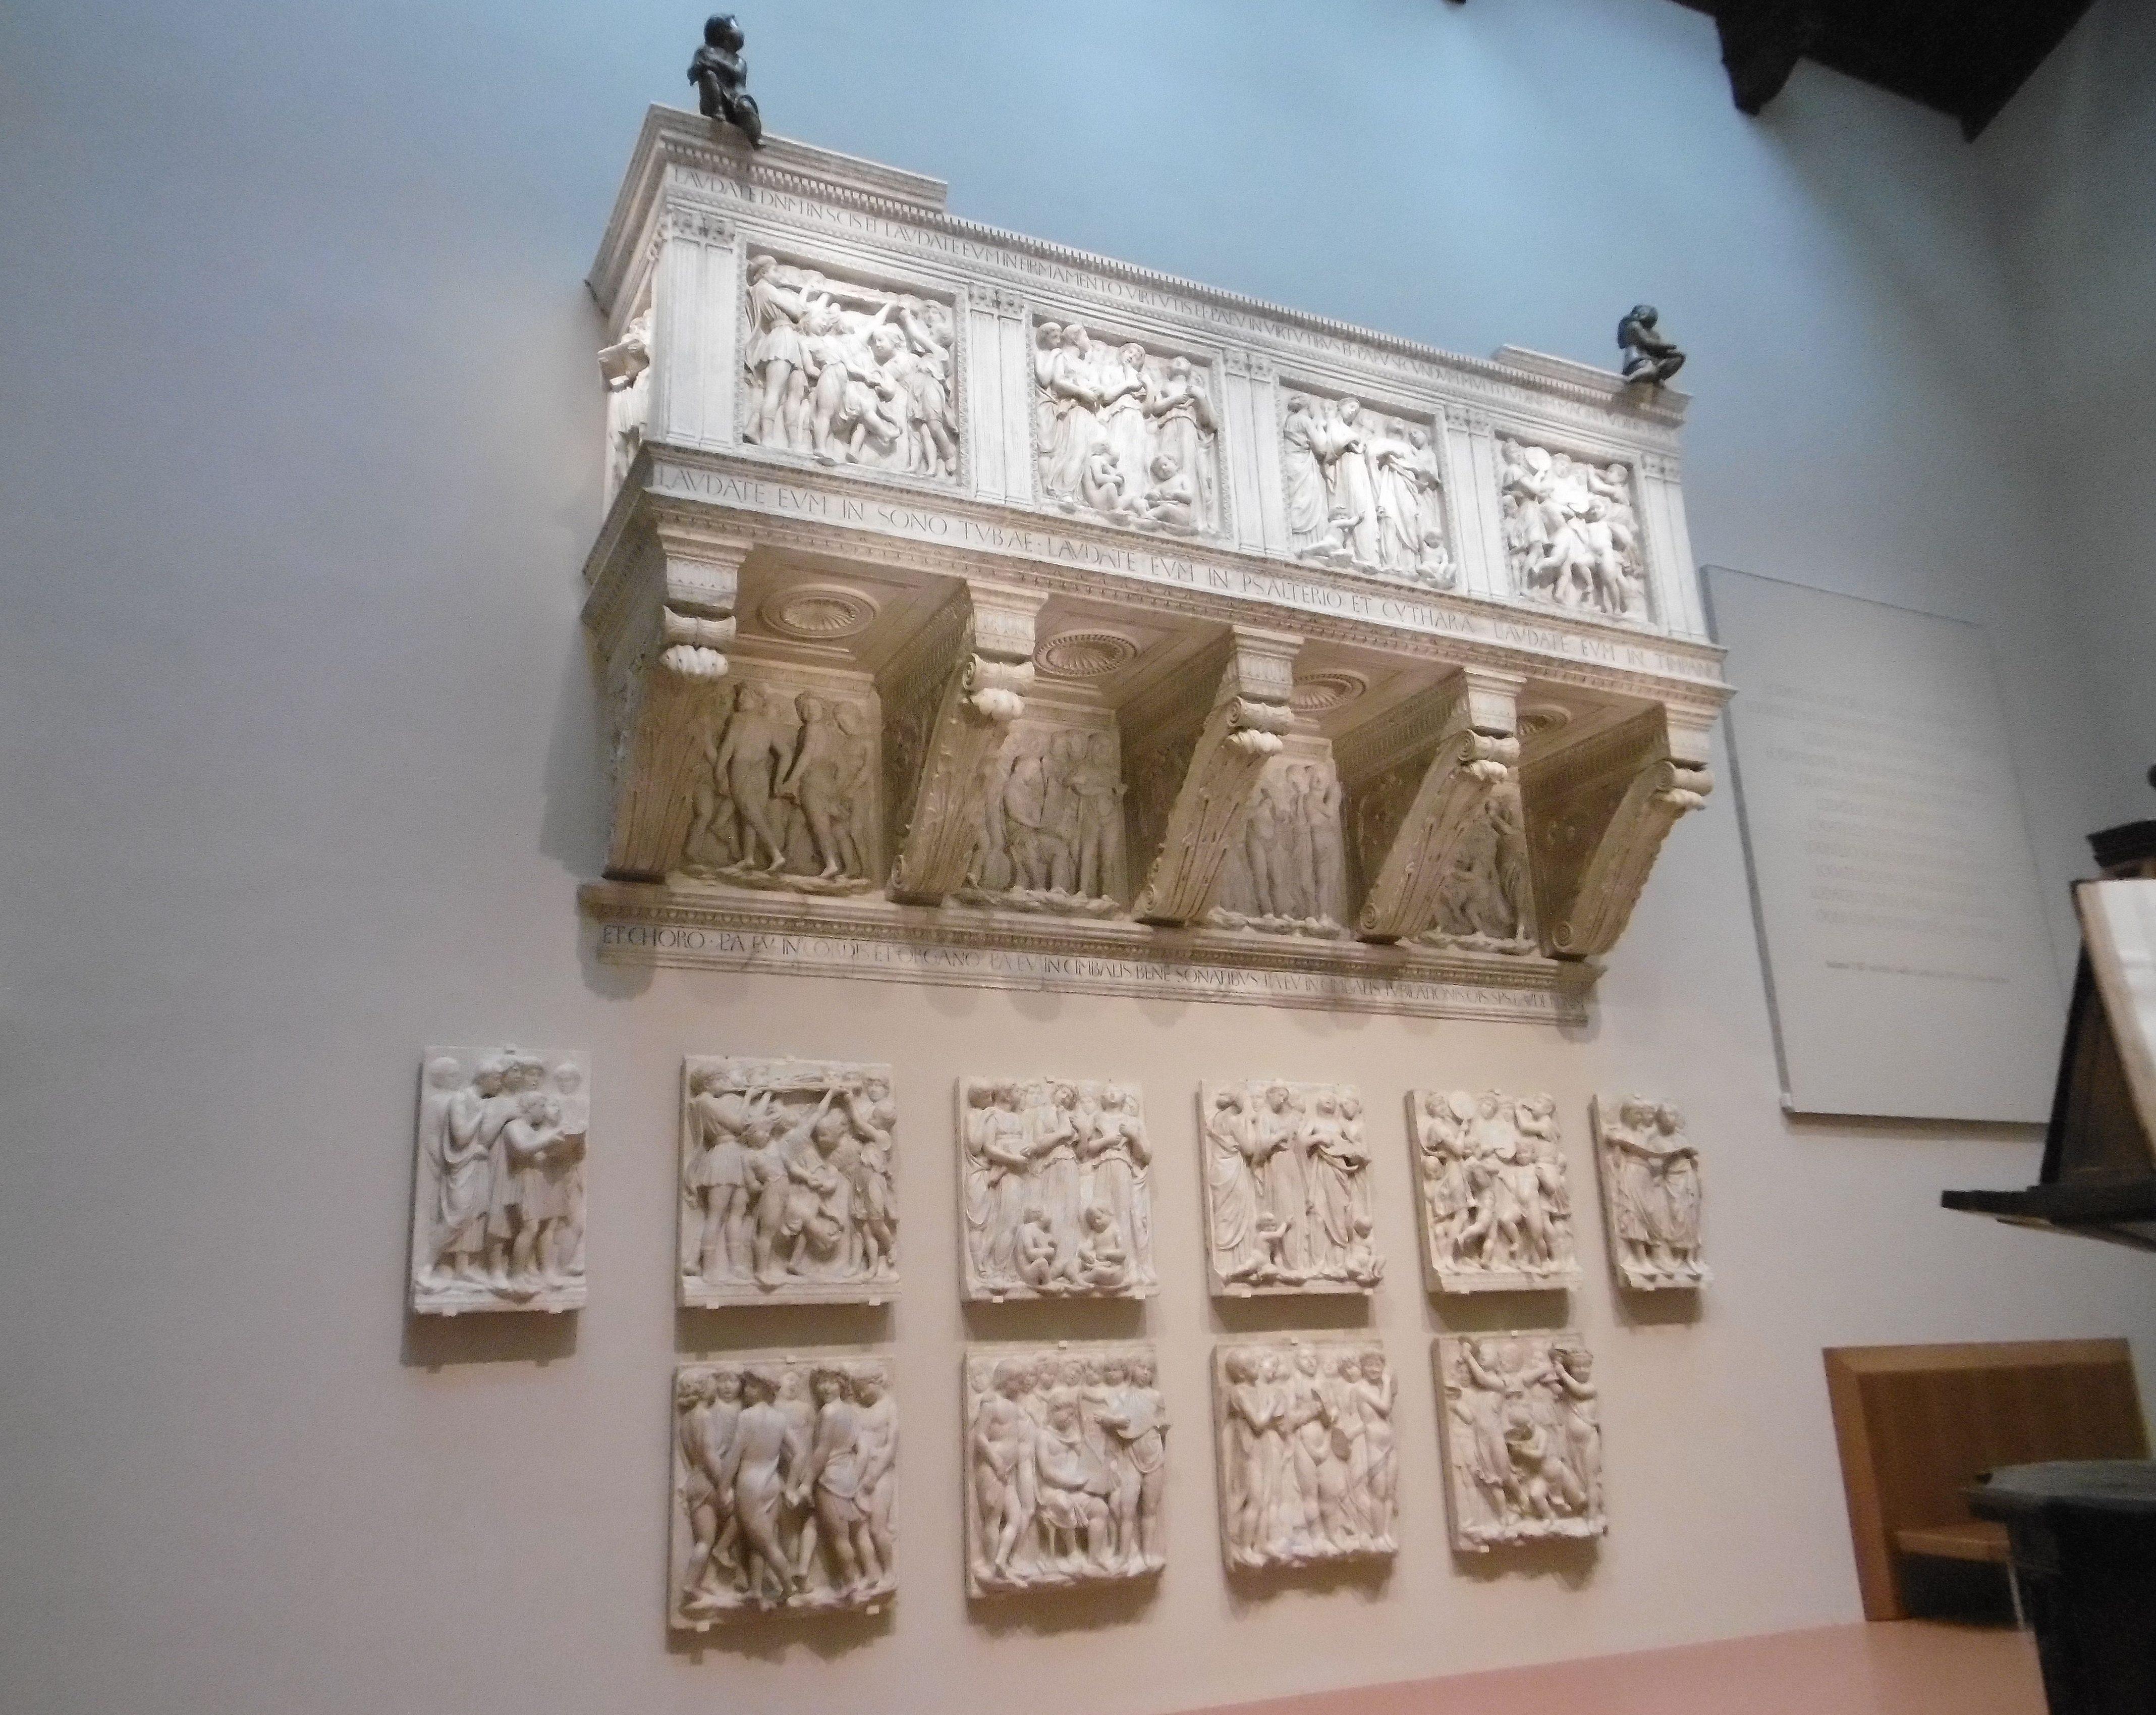 Firenze, Museo dell'Opera del Duomo. La Cantoria di Luca della Robbia, scolpita fra il 1431 e il 1438, nell'efficace resa illuminotecnica data dall'equilibrio fra illuminazione artificiale e contributo della luce naturale